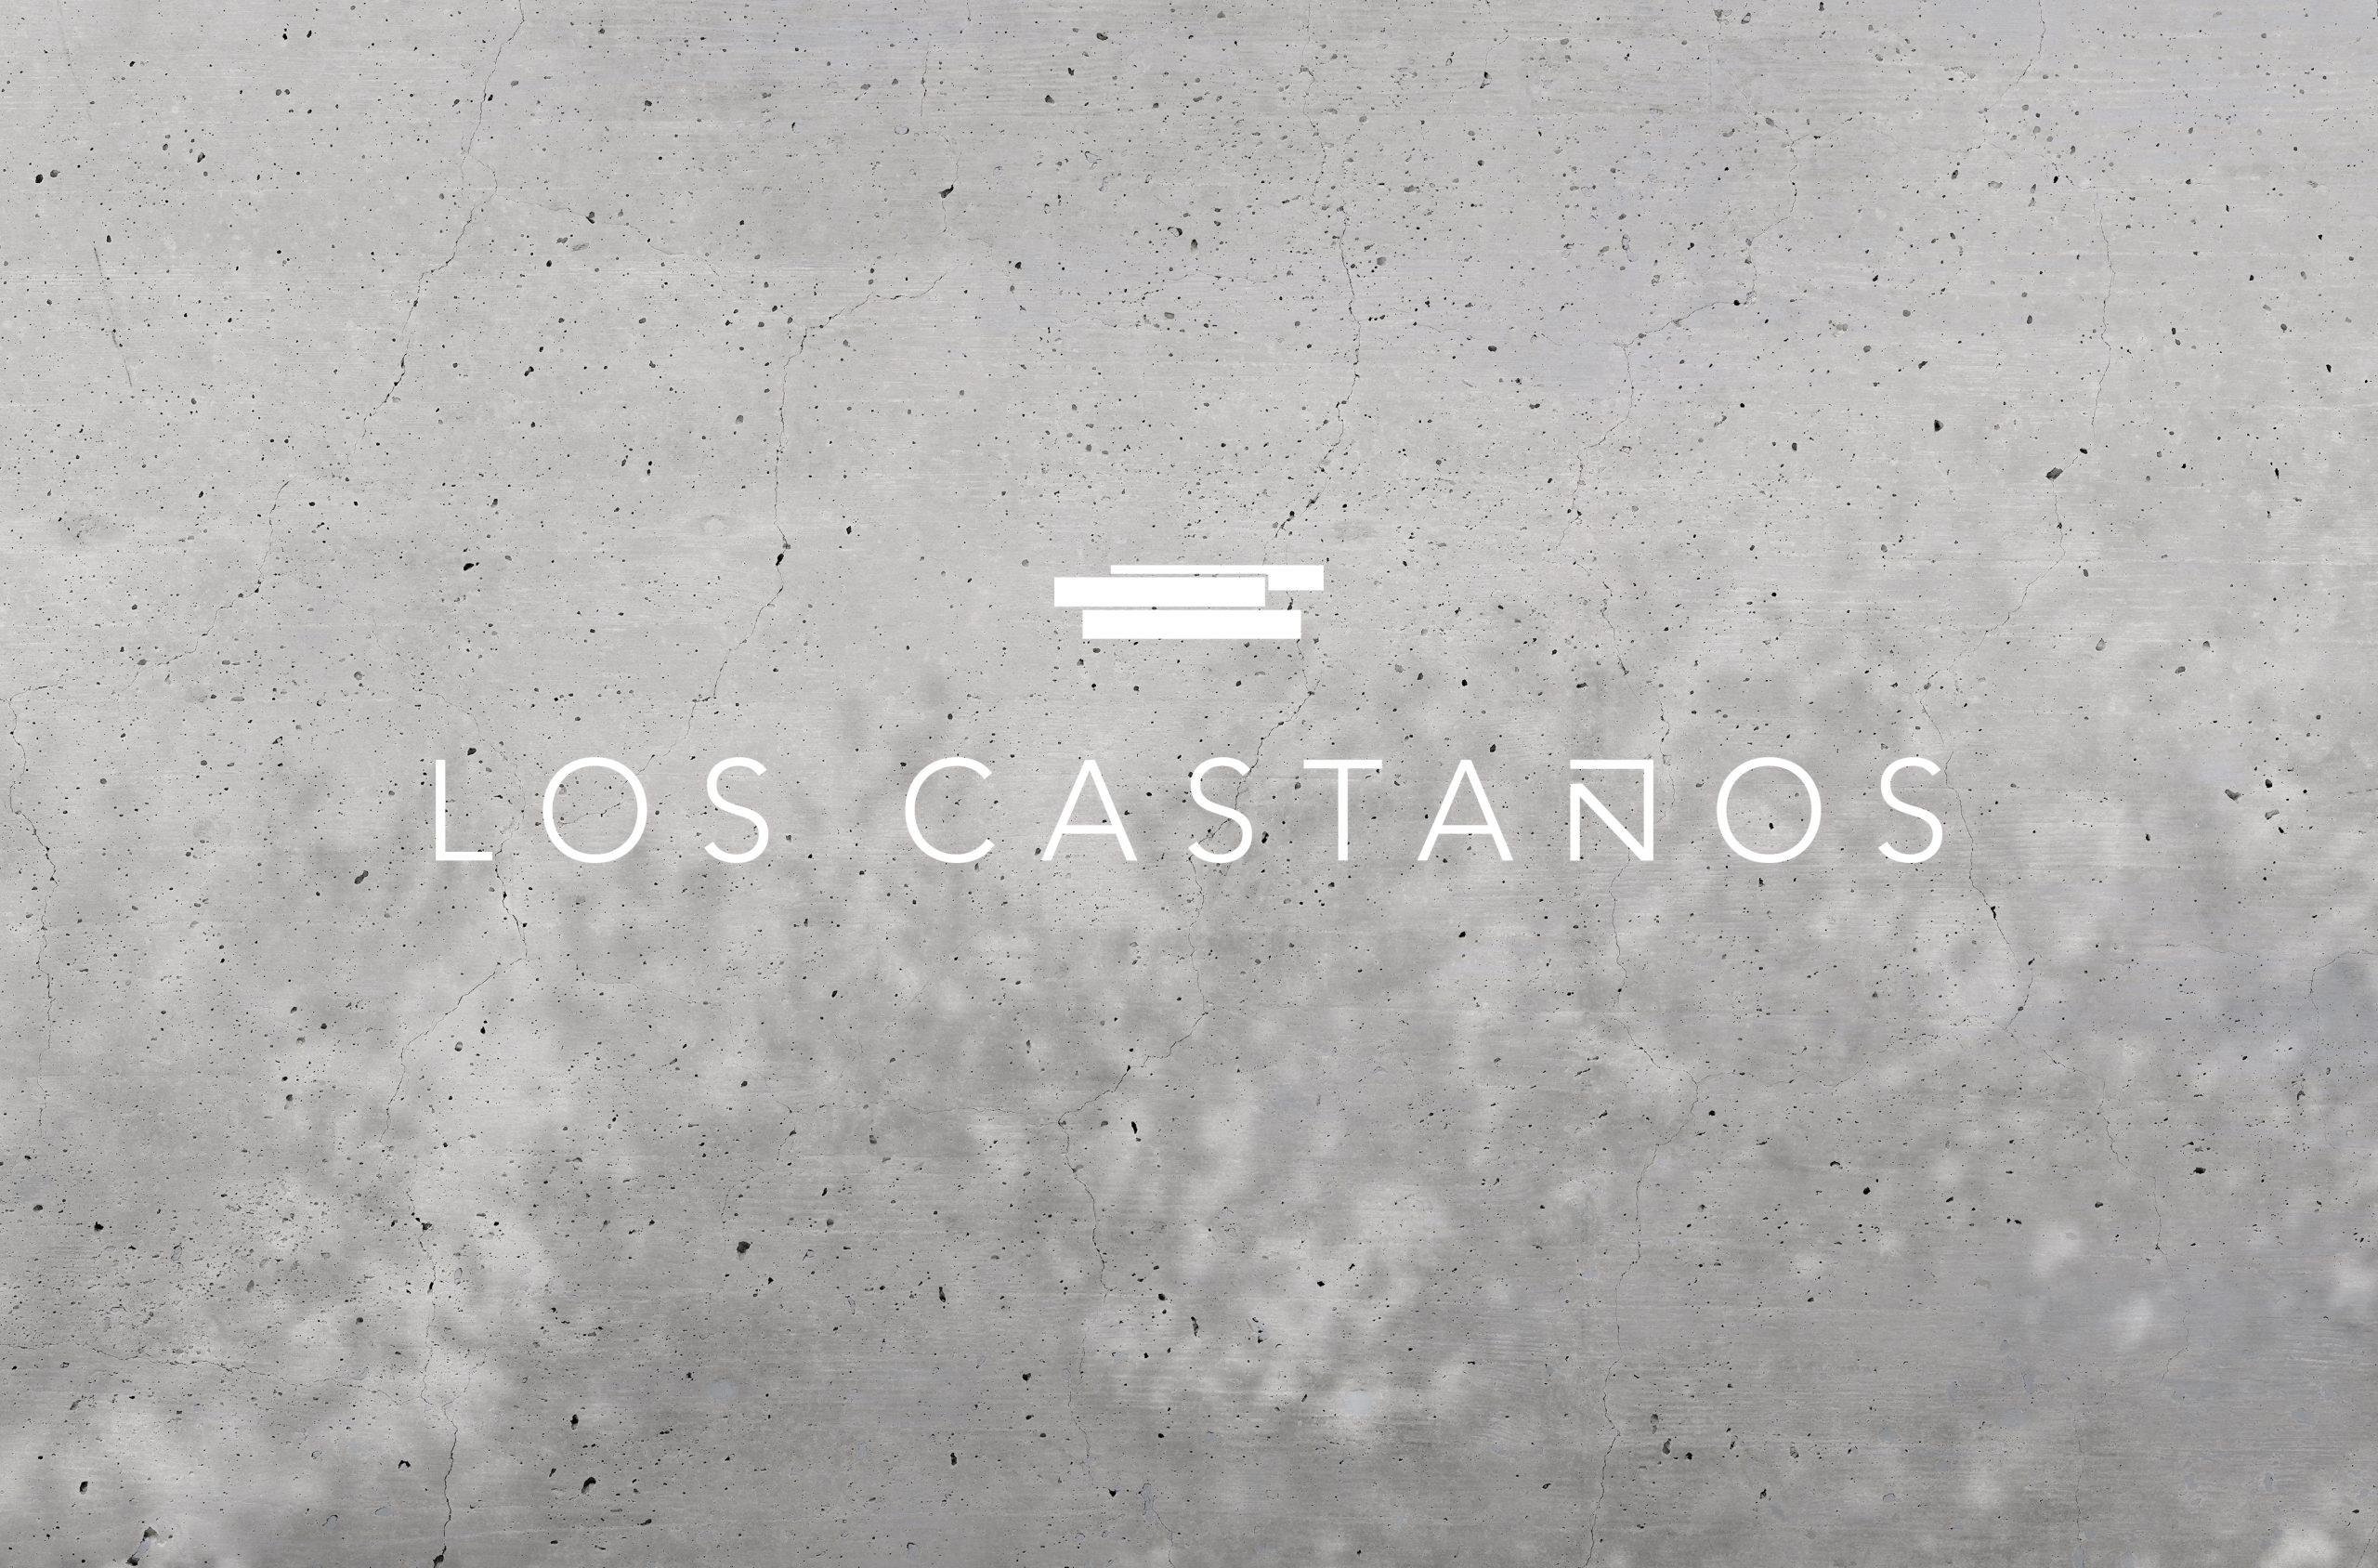 logo-los-castanos-05